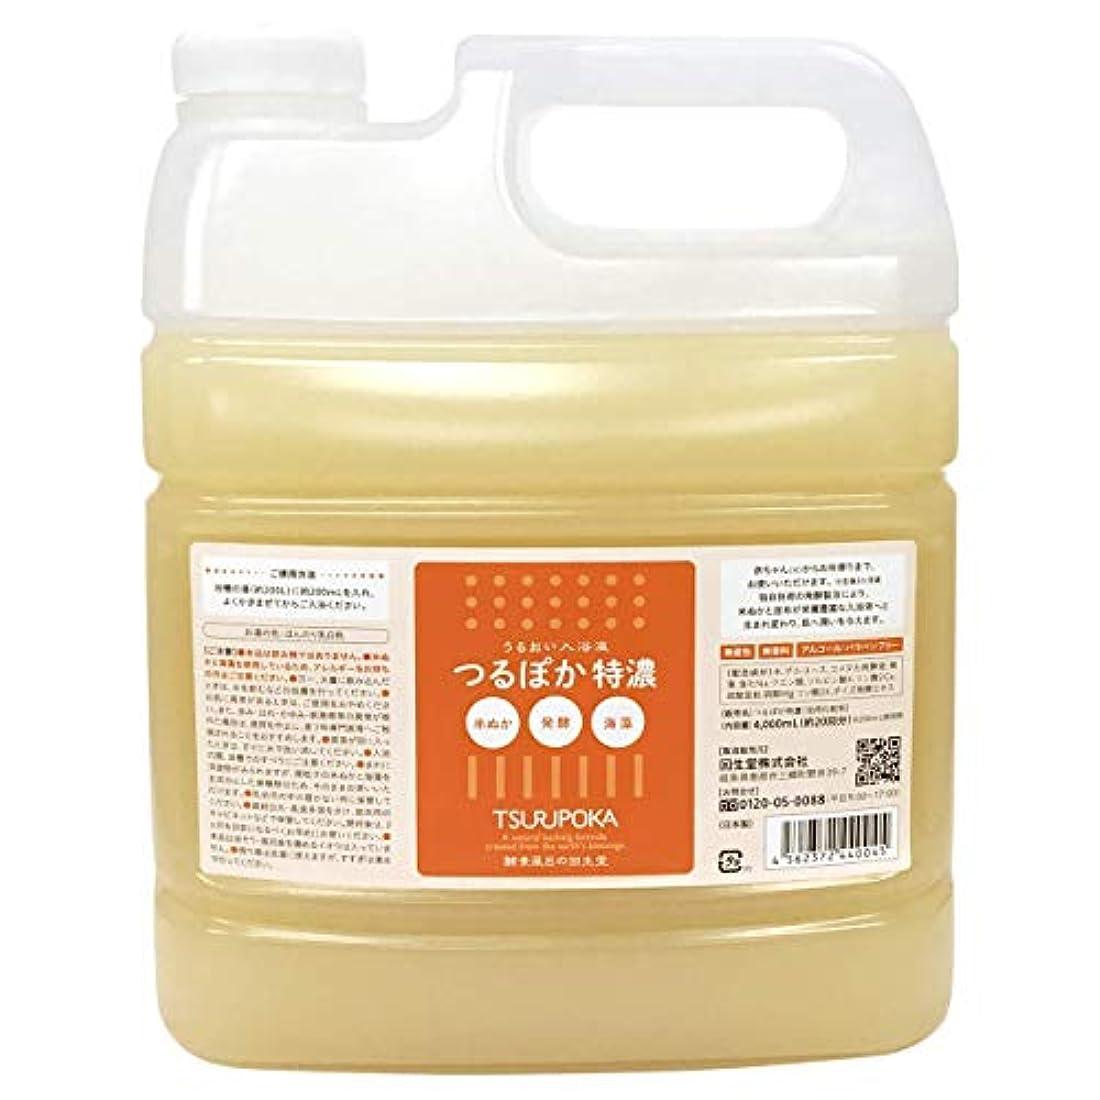 時々時々コーンすずめ「自宅で簡単酵素風呂」つるぽか特濃 国産の米ぬかと昆布を発酵させた酵素入浴剤 約20回分(1回200mL使用)うるおう しっとり 保湿 冷え対策に